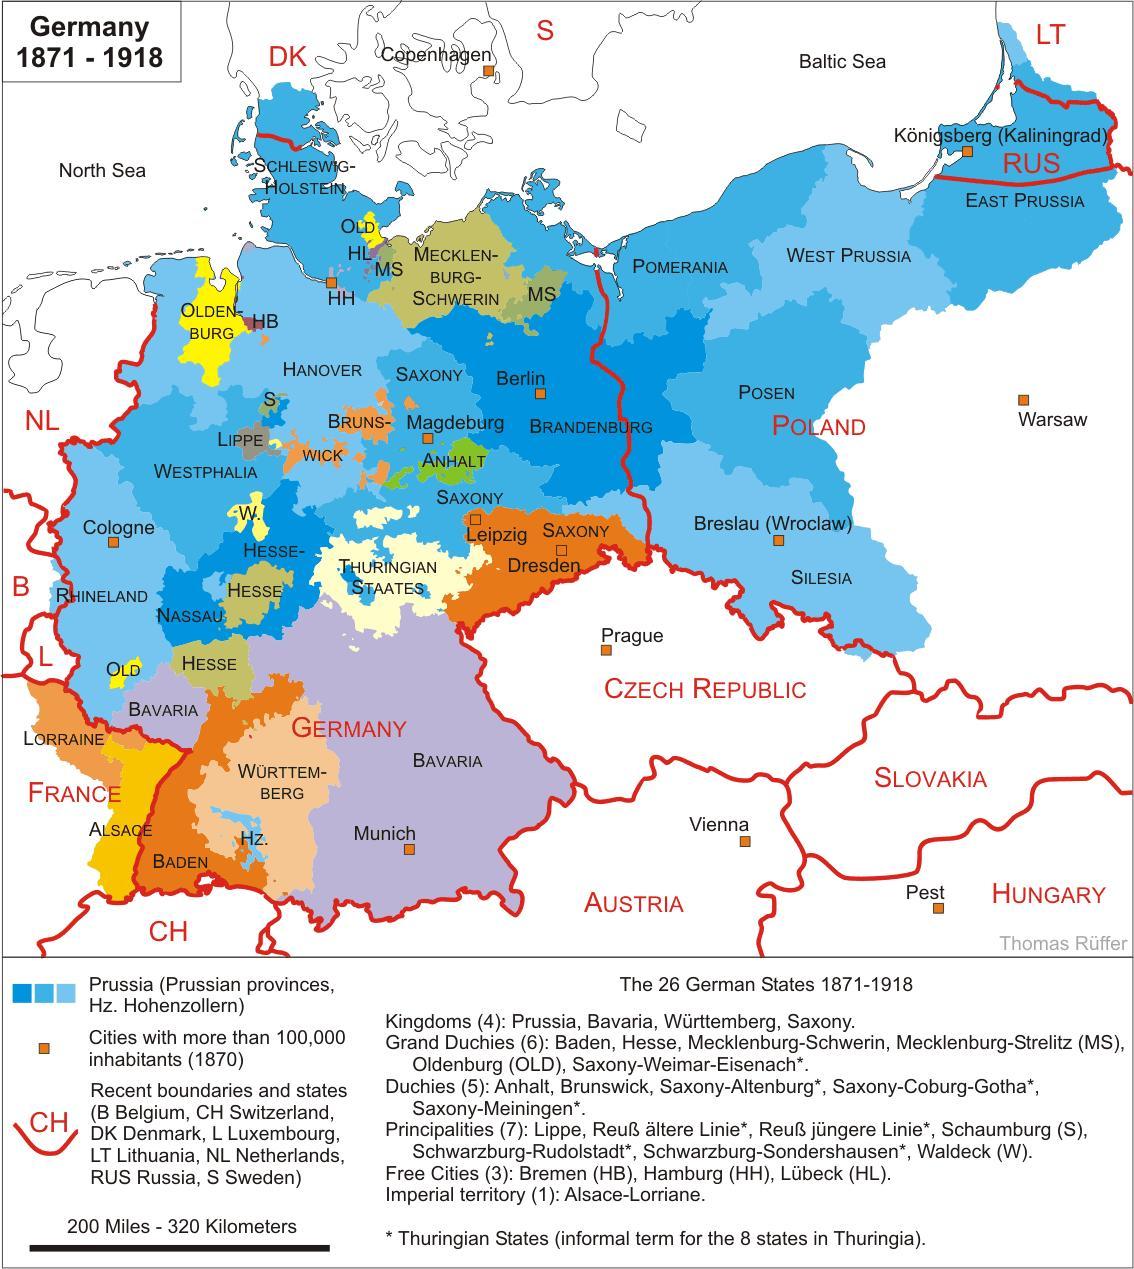 kart over tyskland og østerrike Vigrid:. kart over tyskland og østerrike